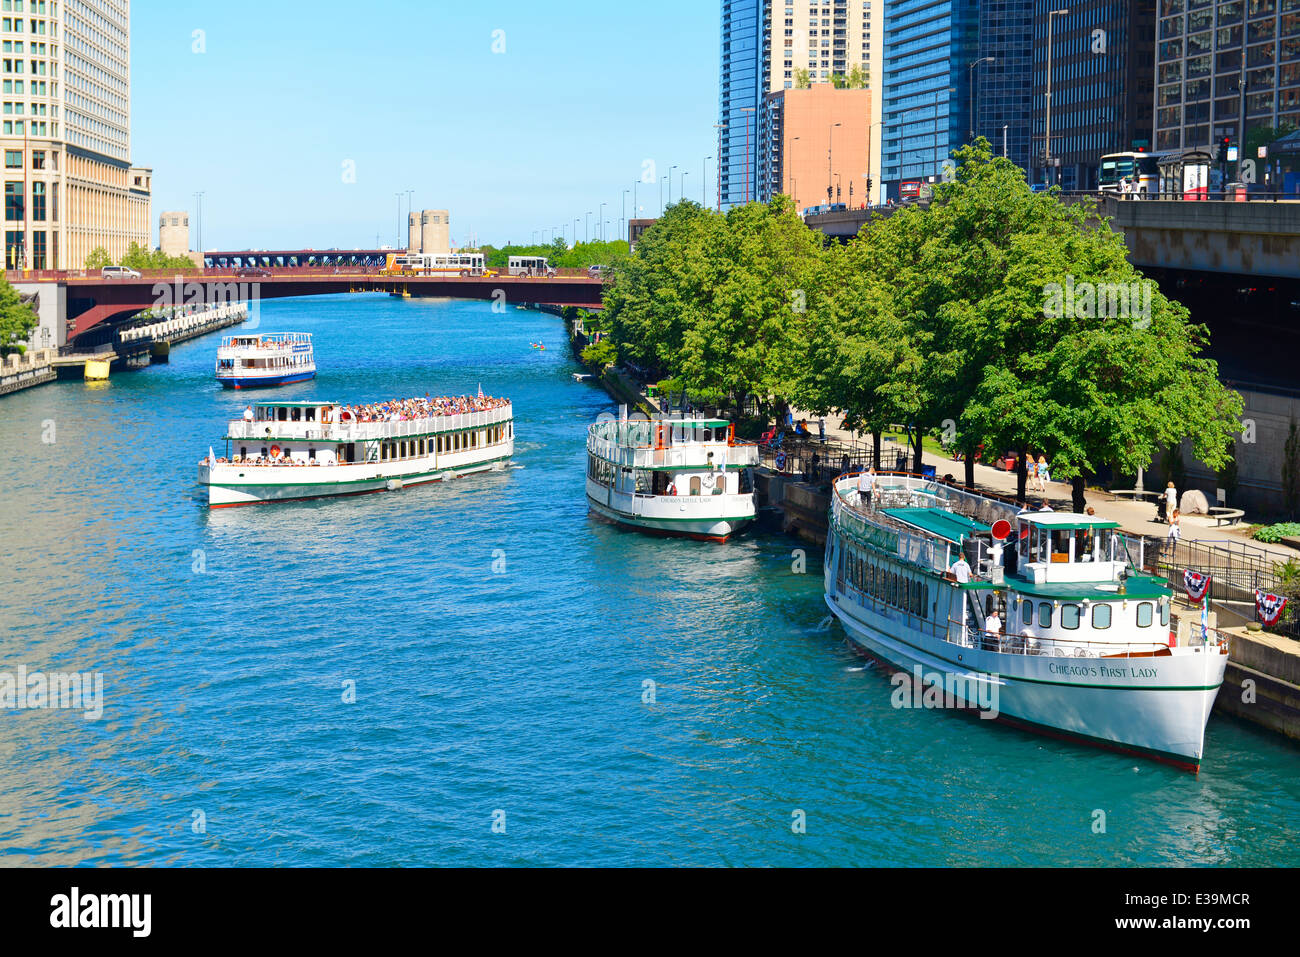 Chicago River Cruise, imbarcazione turistica,barche lungo il famoso Riverwalk di Chicago, Illinois, Stati Uniti Immagini Stock